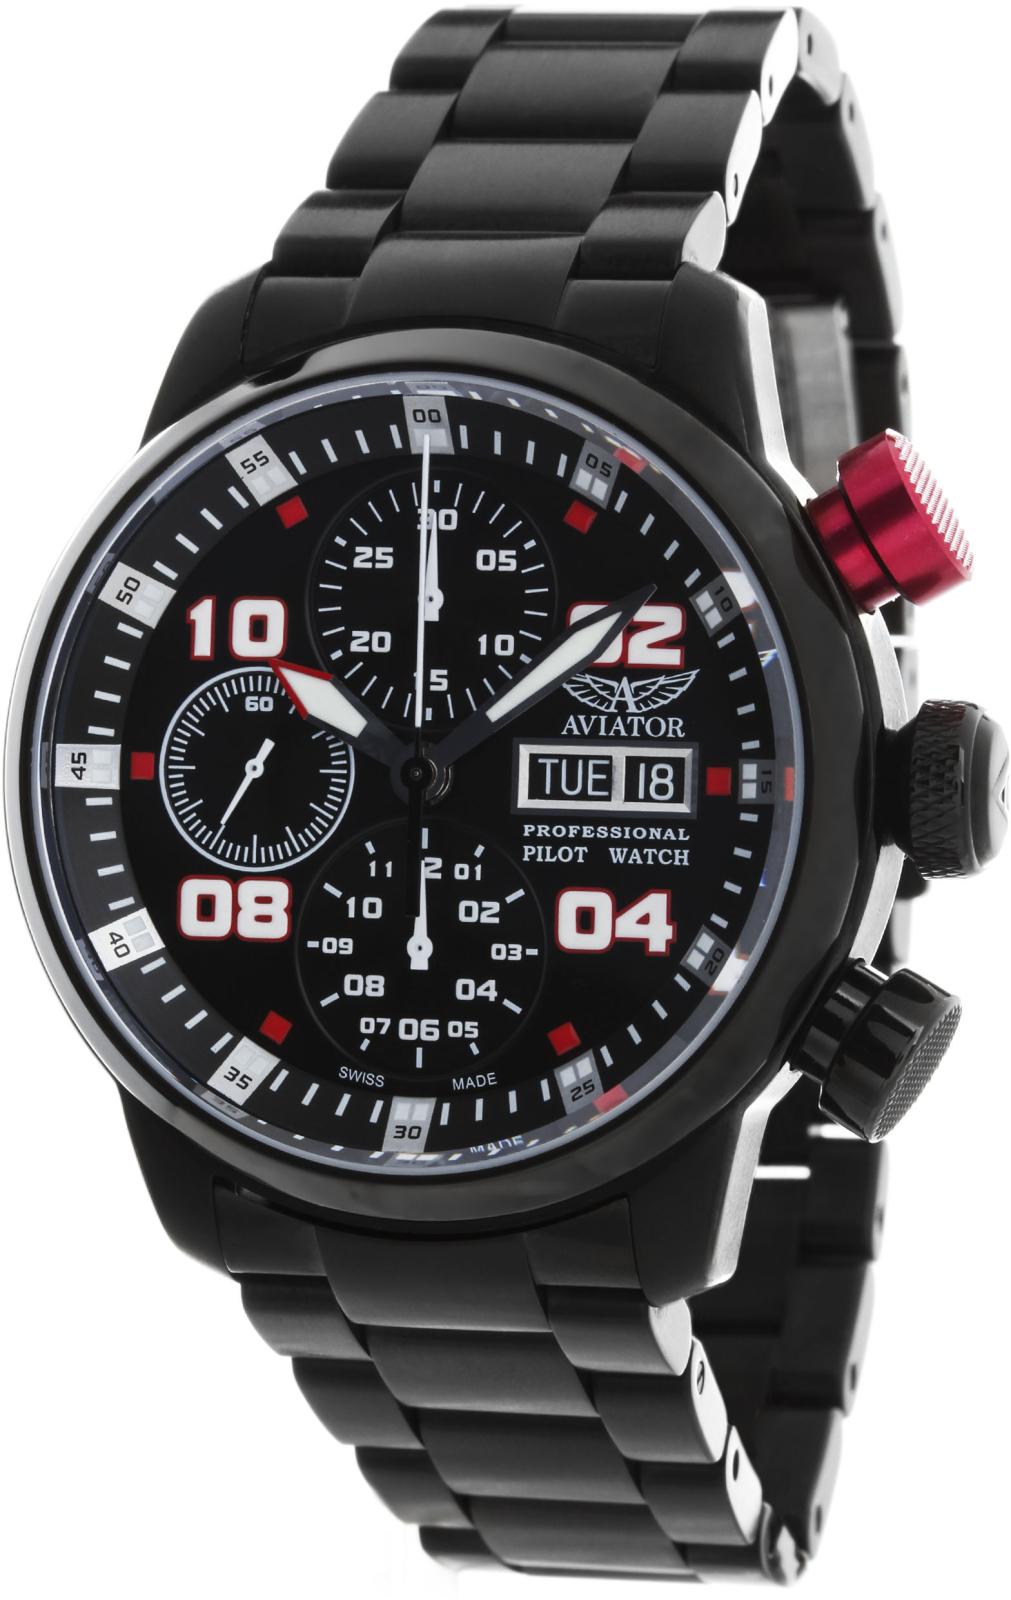 Aviator Professional P.4.06.5.017  Наручные часы<br>Швейцарские часы Aviator Professional P.4.06.5.017Часы принадежат коллекции Professional. Это Мужские часы. Материал корпуса часов — Сталь. Ремень — Сталь. В этих часах используется Сапфировое стекло. Часы этой модели обладают водозащитой 50 м. Основной цвет циферблата Черный. Циферблат содержит часы, минуты, секунды. В этой модели используются такие усложнения как дата, день недели, хронограф. Часы обладают корпусом 42мм.<br><br>Для кого?: Мужские<br>Страна-производитель: Швейцария<br>Механизм: Механический<br>Материал корпуса: Сталь<br>Материал ремня/браслета: Сталь<br>Водозащита, диапазон: 20 - 100 м<br>Стекло: Сапфировое<br>Толщина корпуса/: <br>Стиль: Спорт